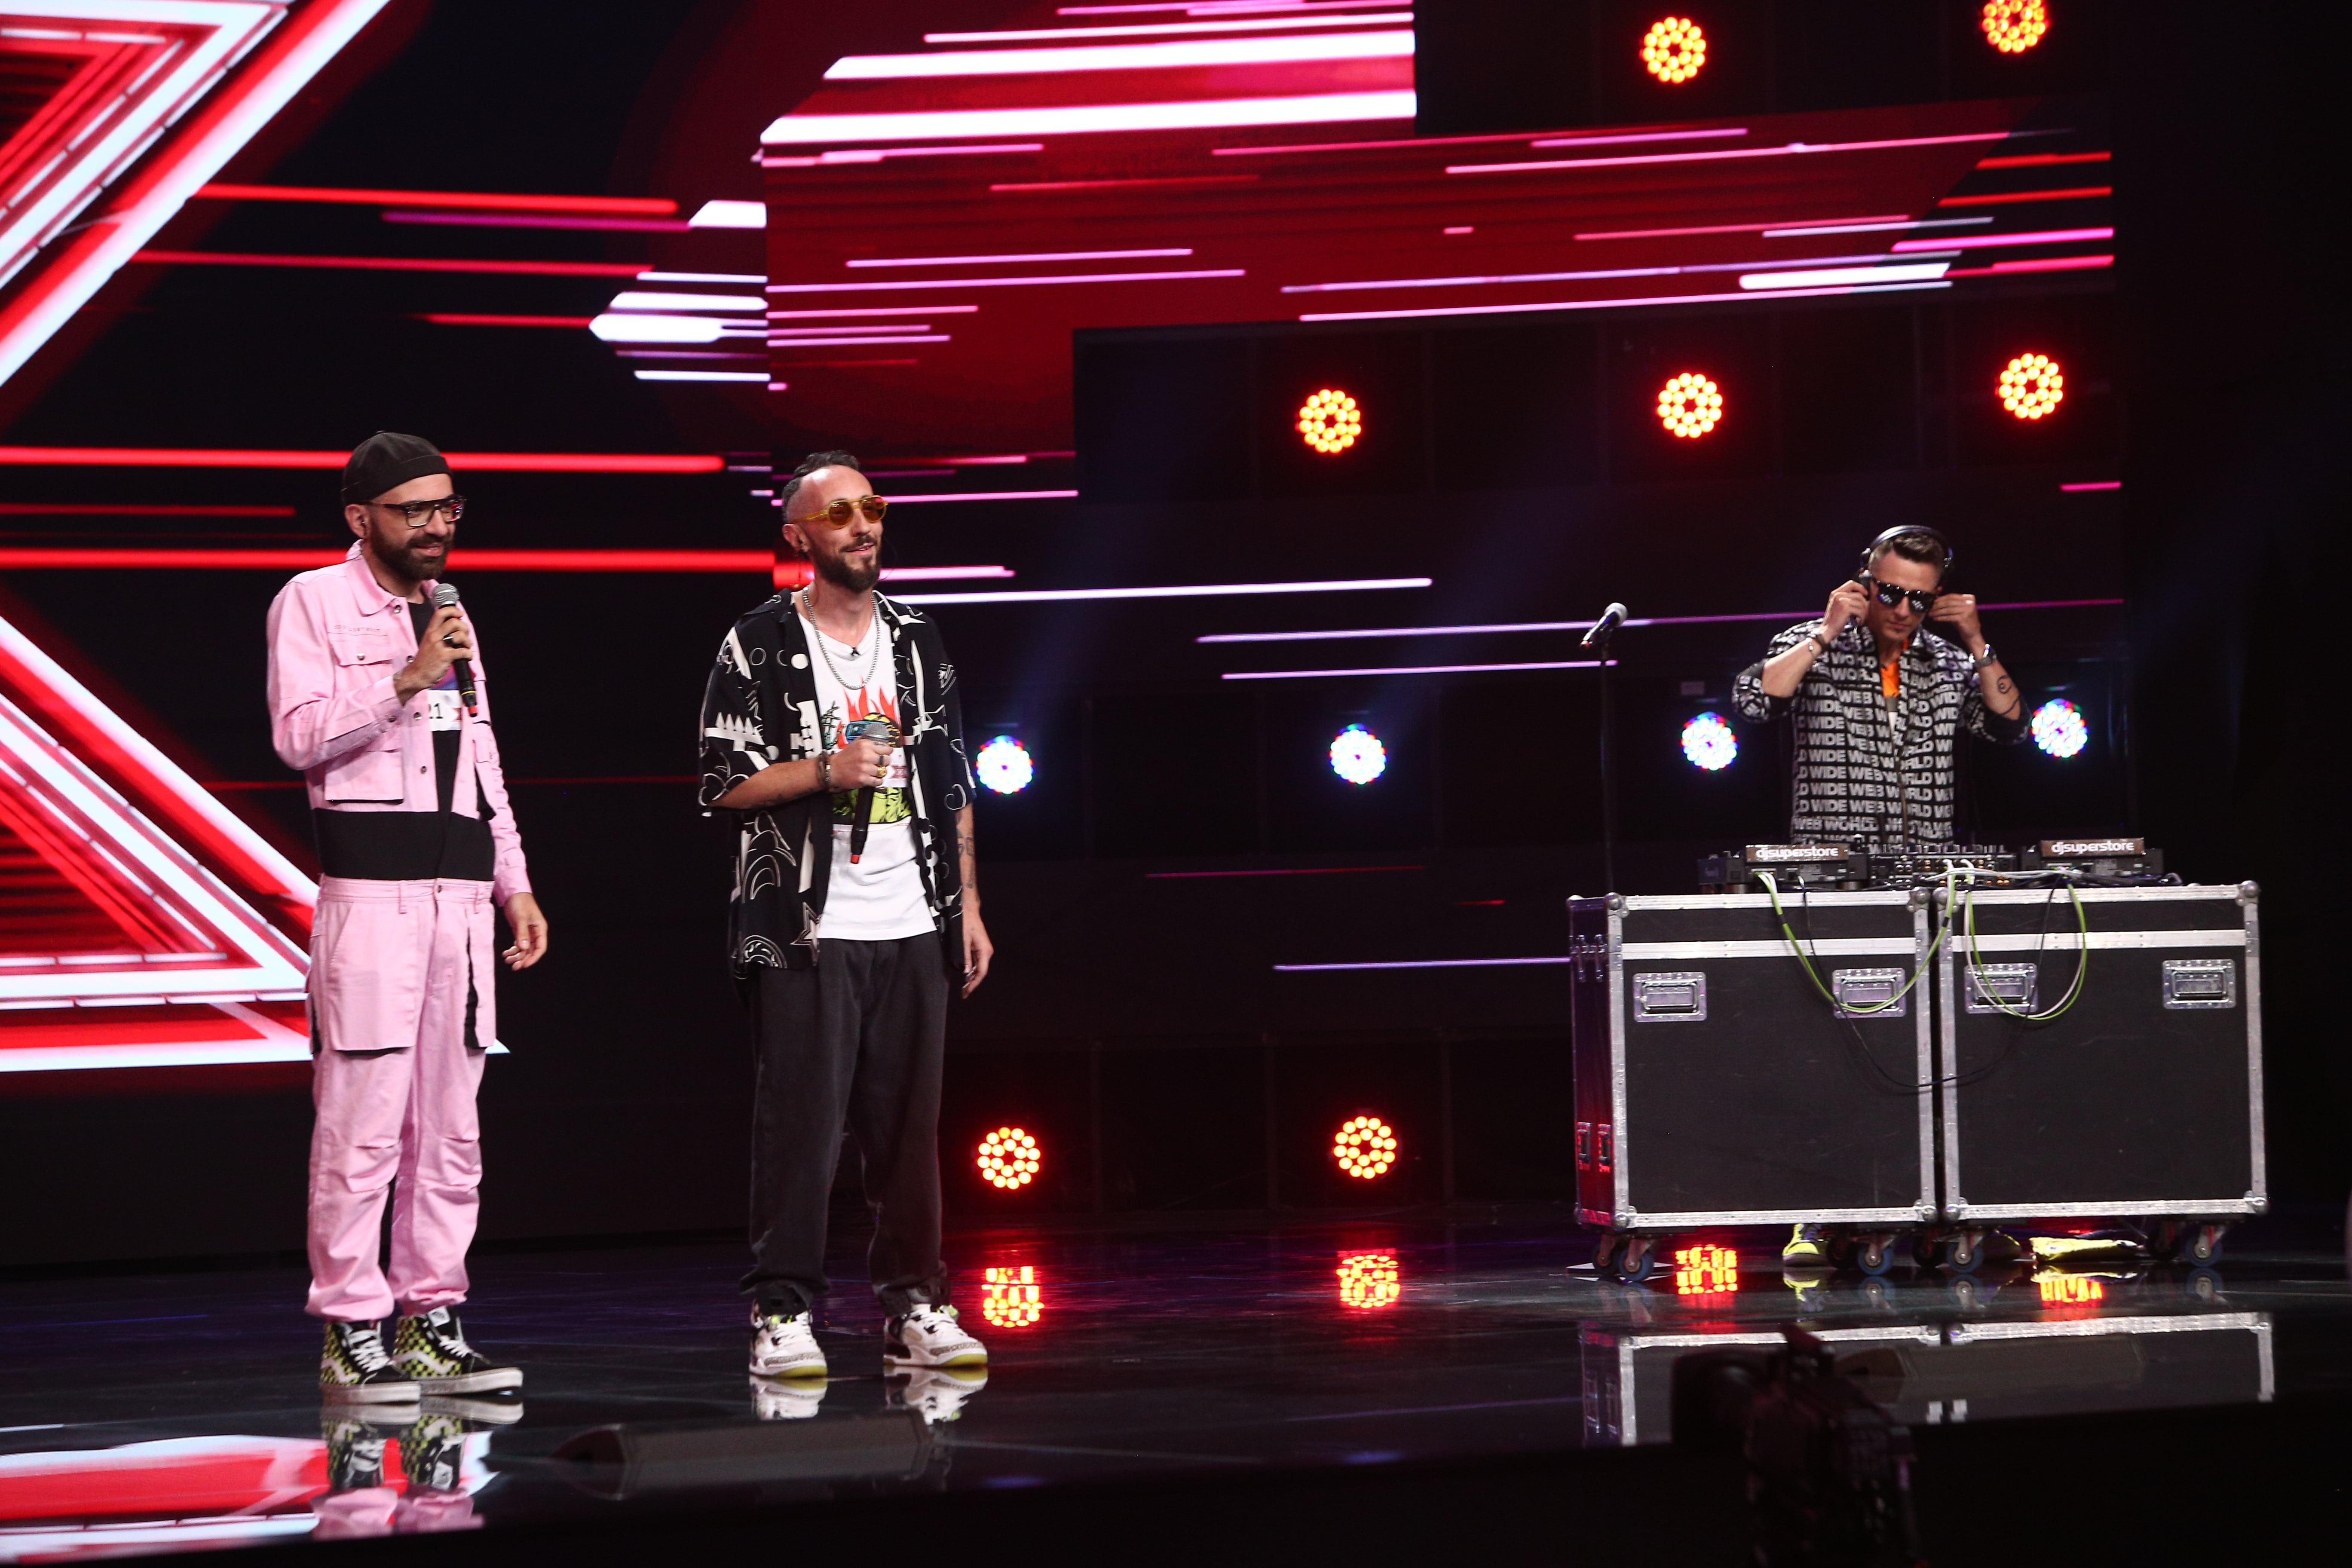 X Factor 2021, 22 octombrie. Le Teste Di Ozzak și-au inventat propriul gen muzical și au fost felicitați de jurați